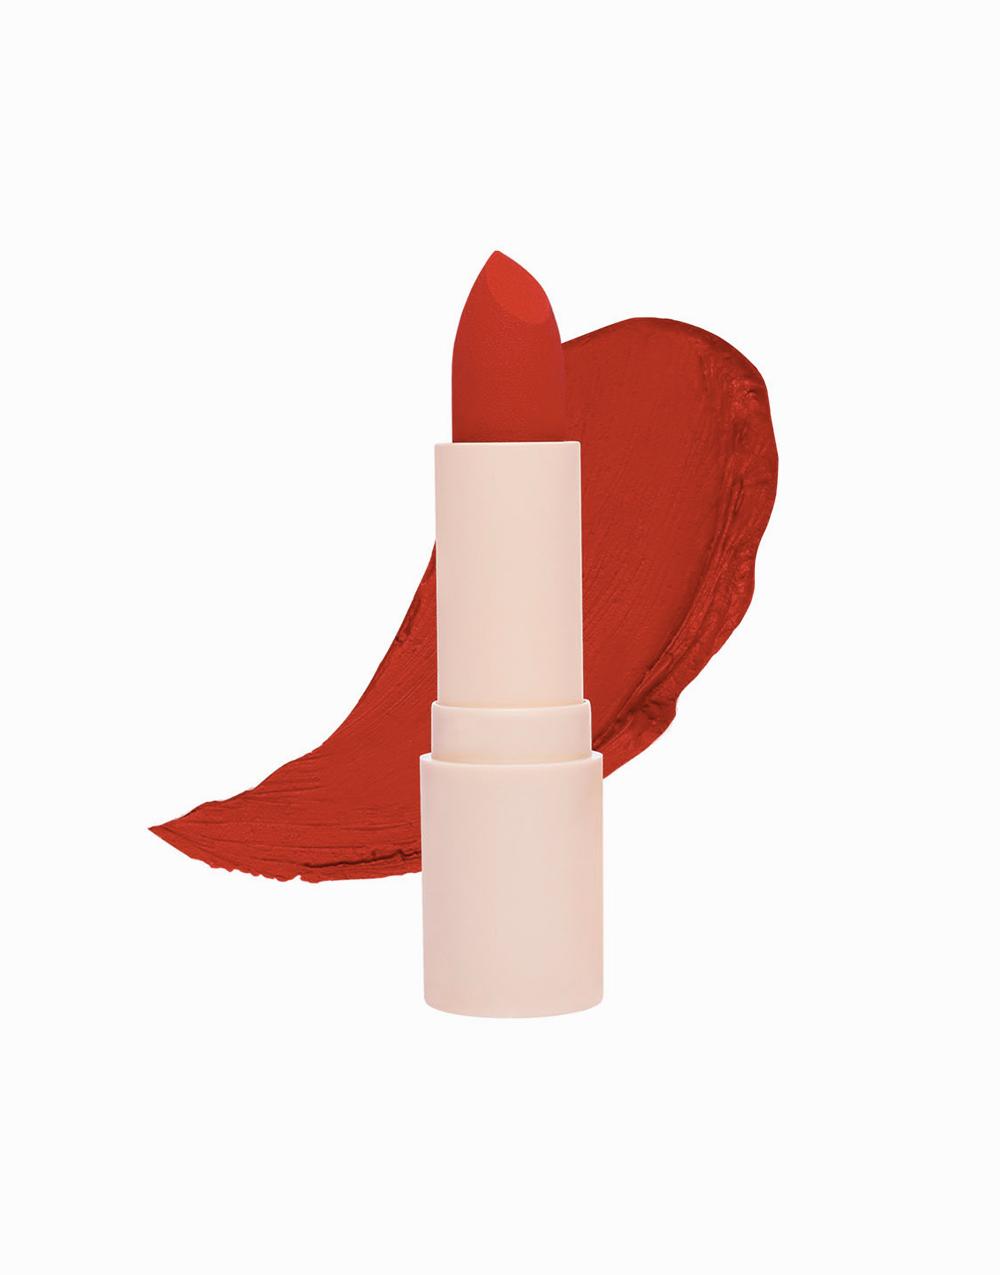 Sunnies Face Fluffmatte [Weightless Modern Matte Lipstick] (Hot Sauce) by Sunnies Face